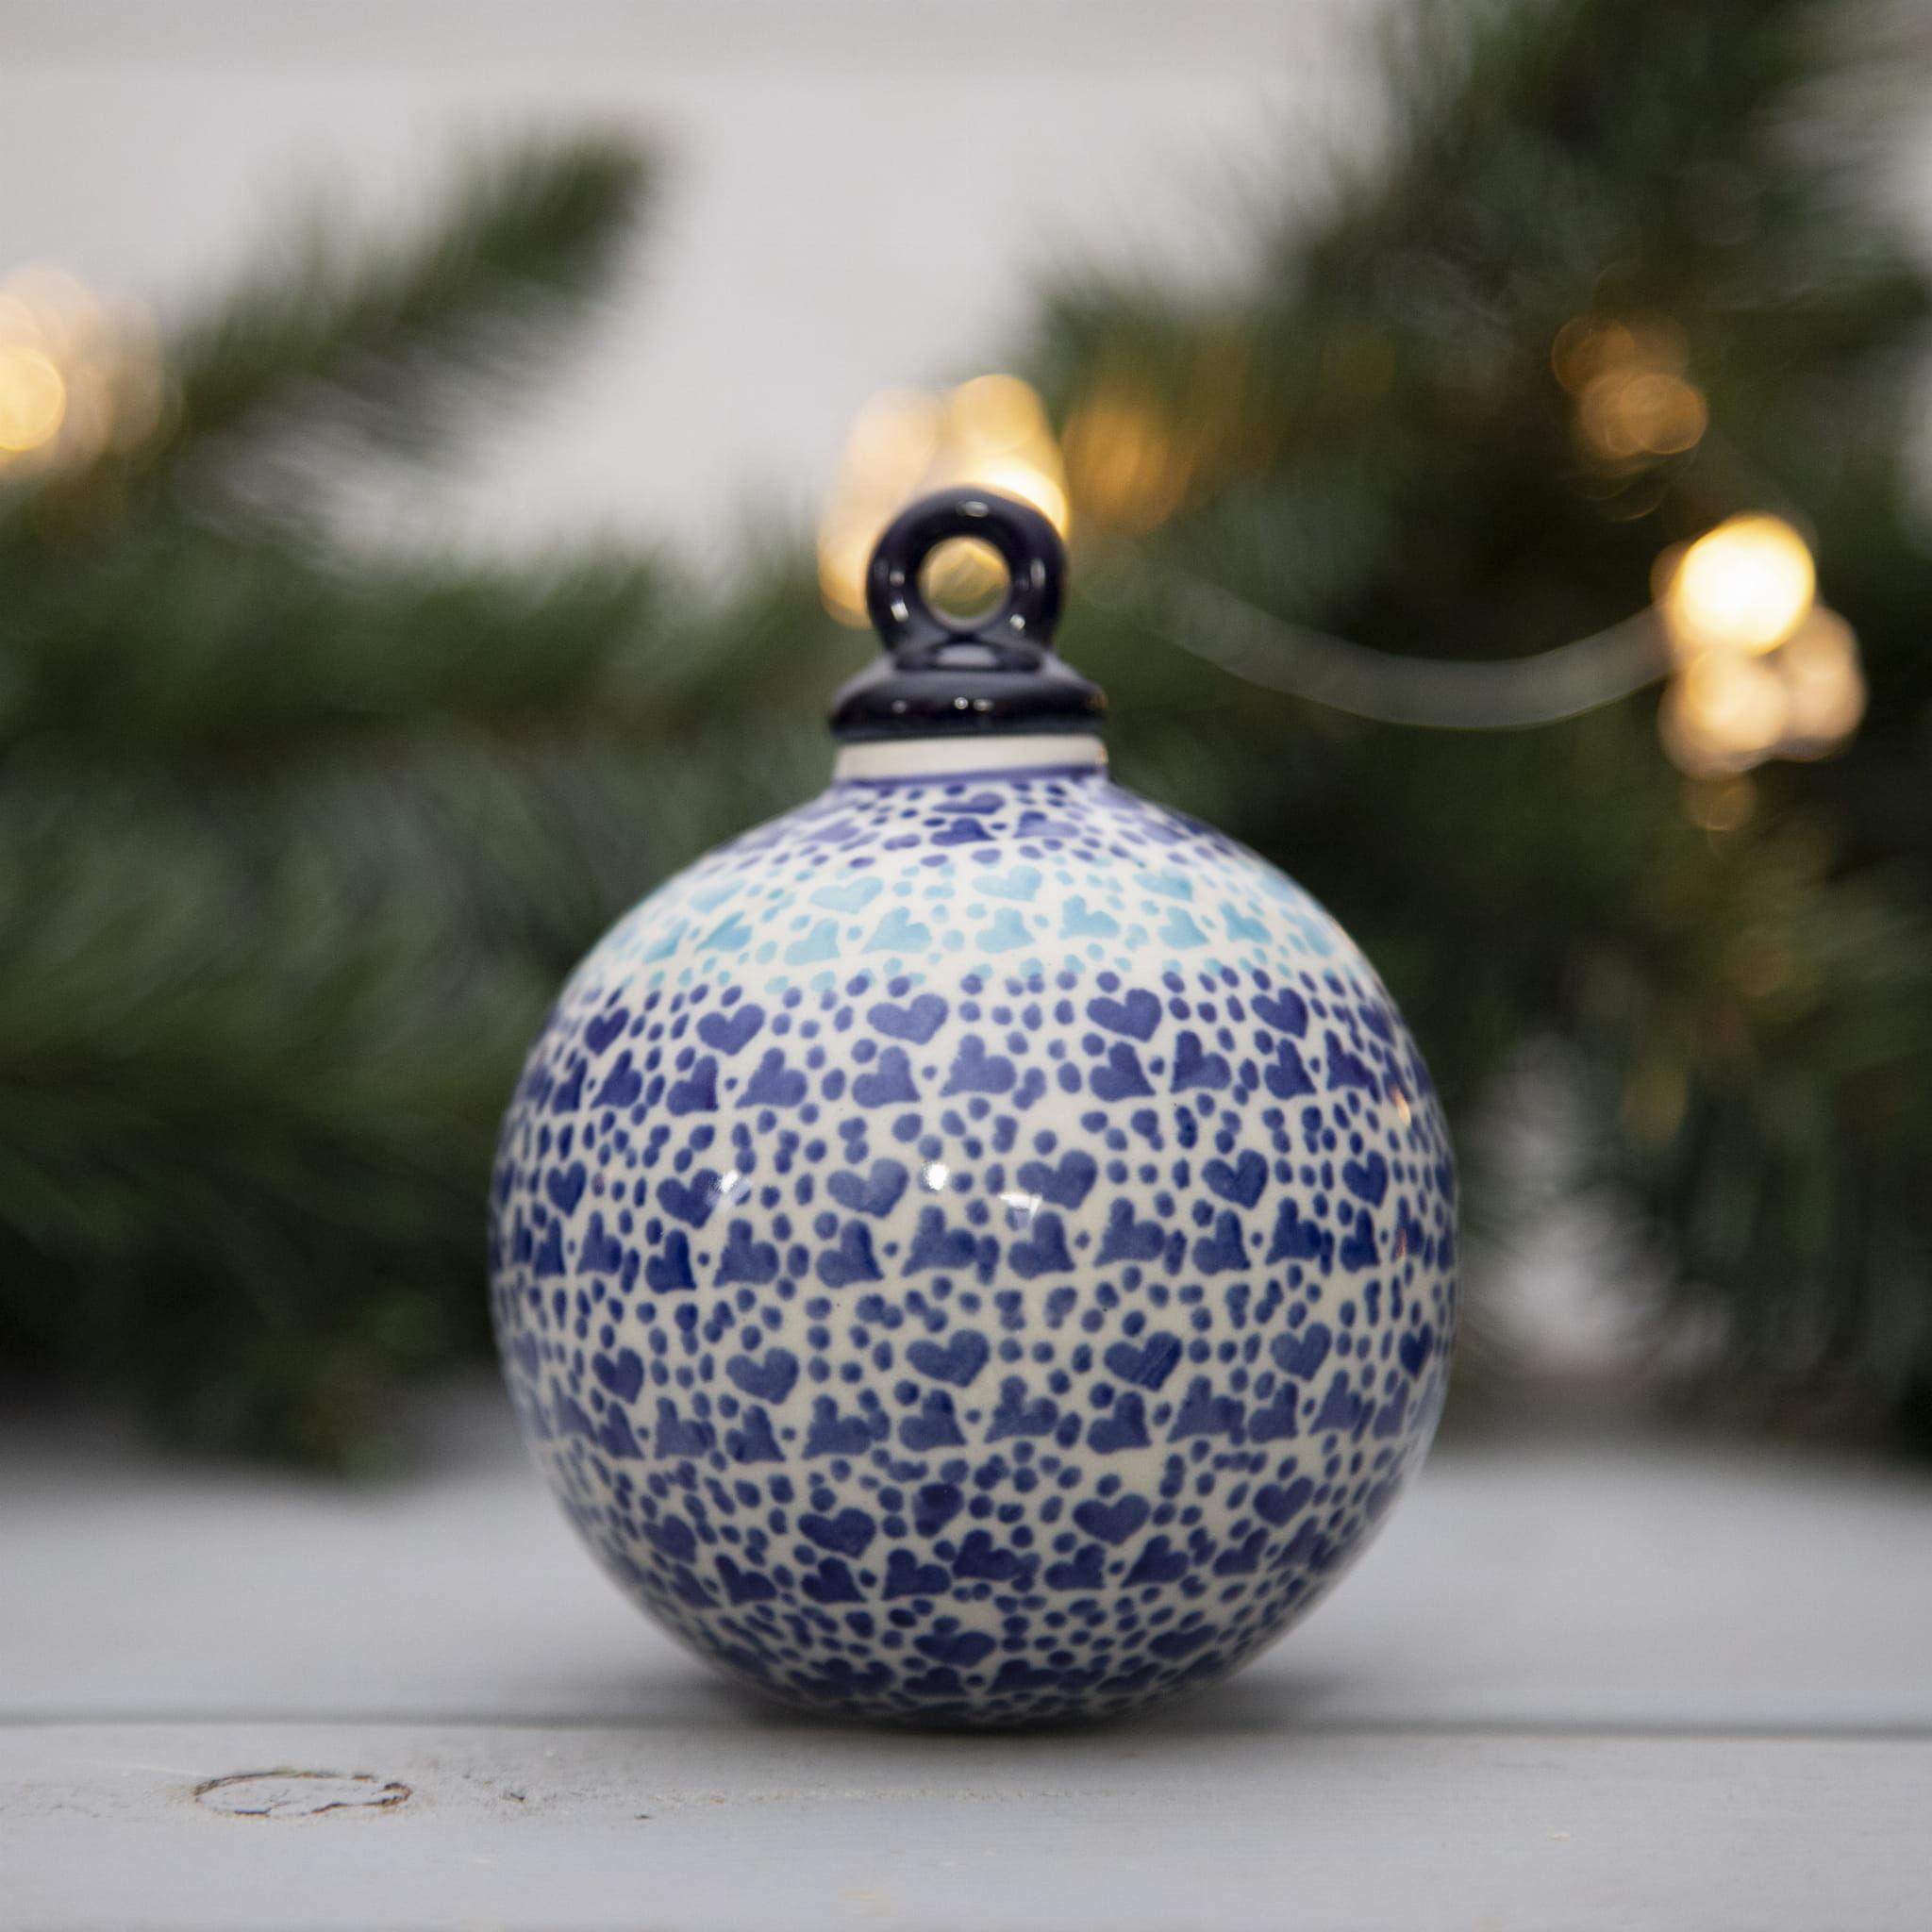 Bombka okrągła mała, ozdoba świąteczna, Bolesławiec